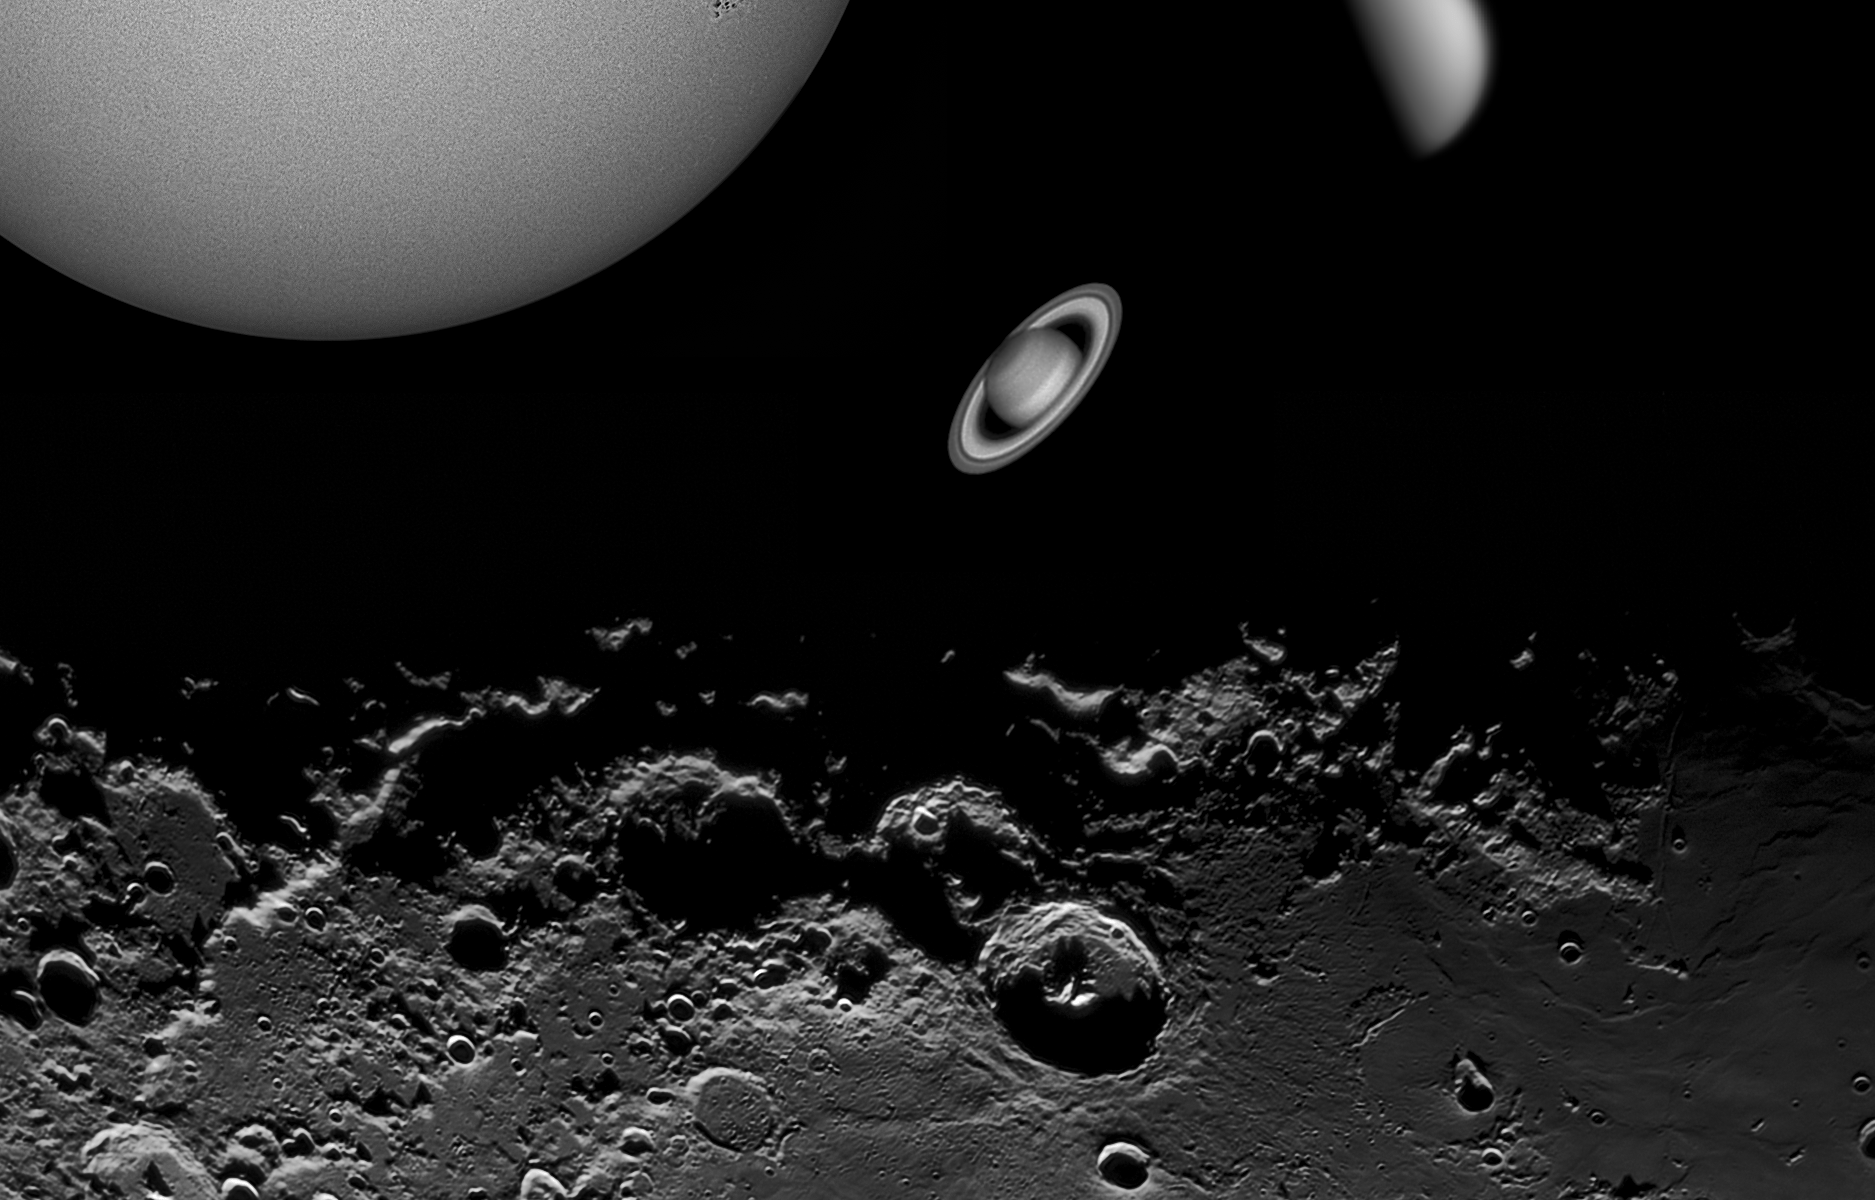 Astrofotografía Planetaria 2015. Crédito: Gustavo Sánchez / Captando el Cosmos